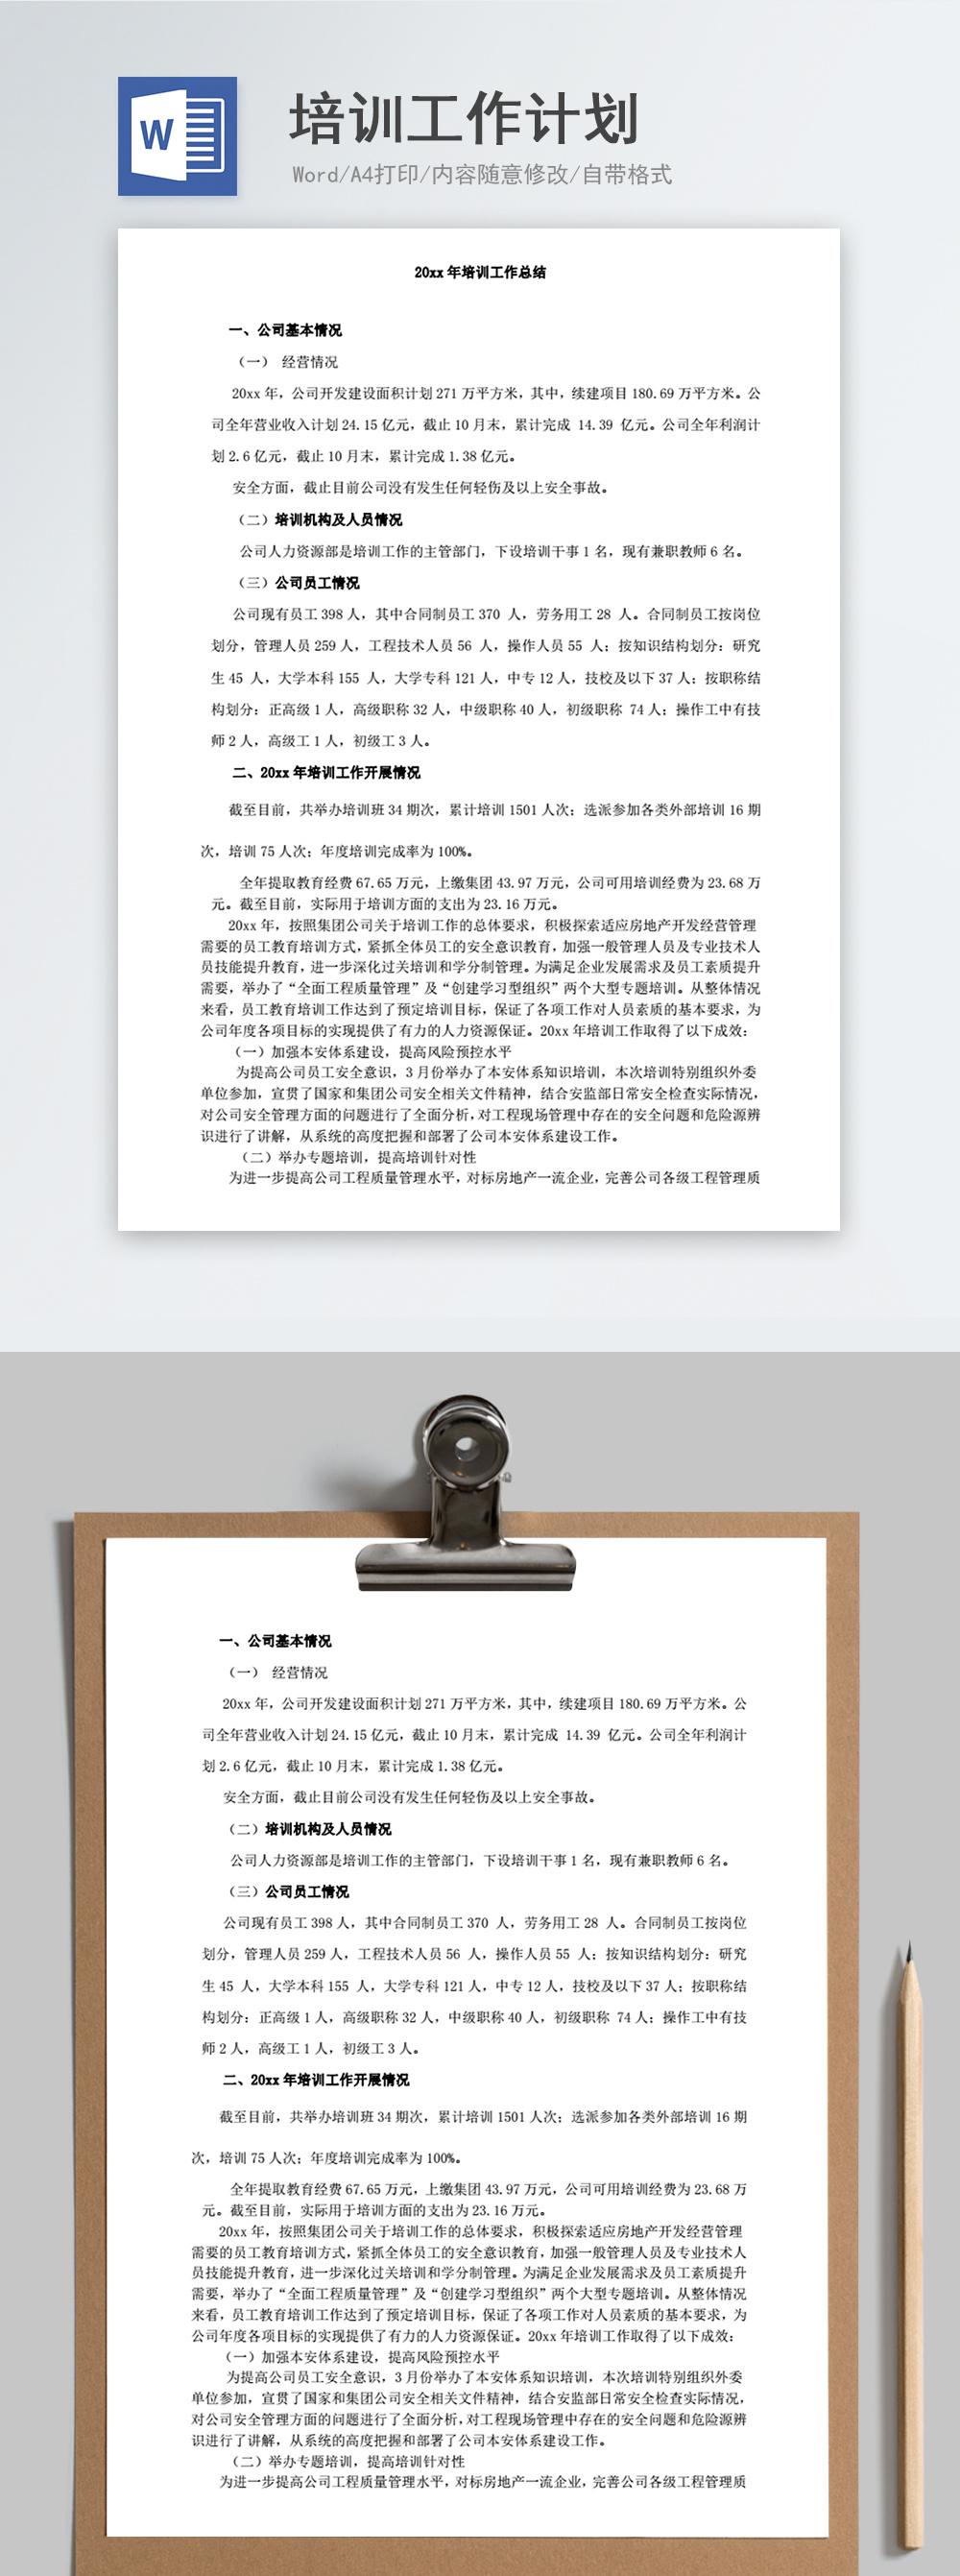 培训工作计划Word文档模板图片